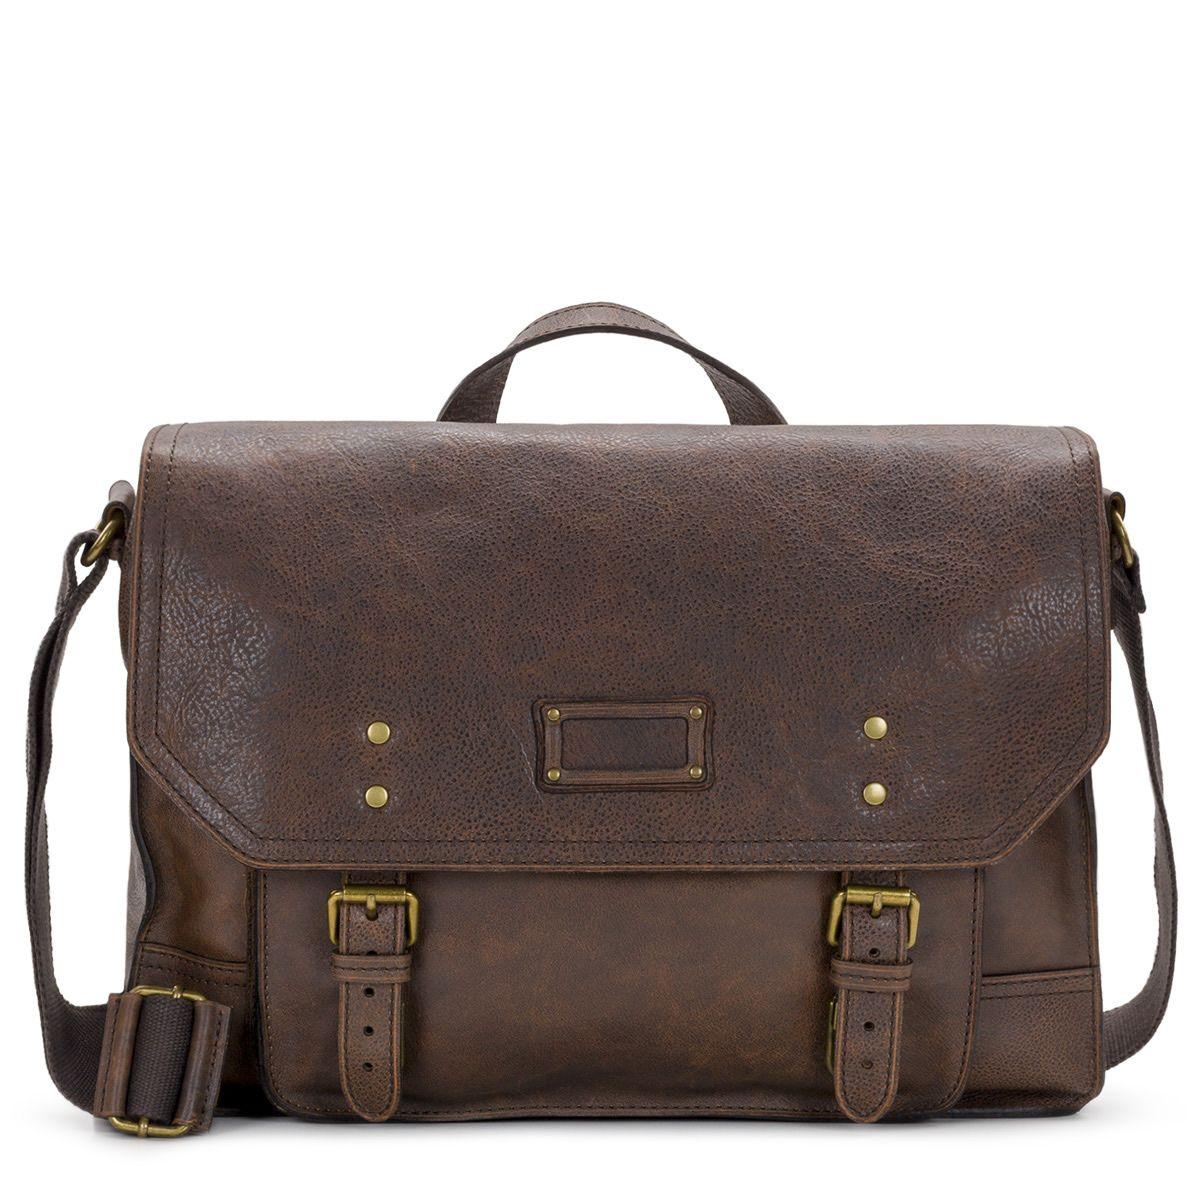 218ba36df21f Patricia Nash Handbags - Macy s